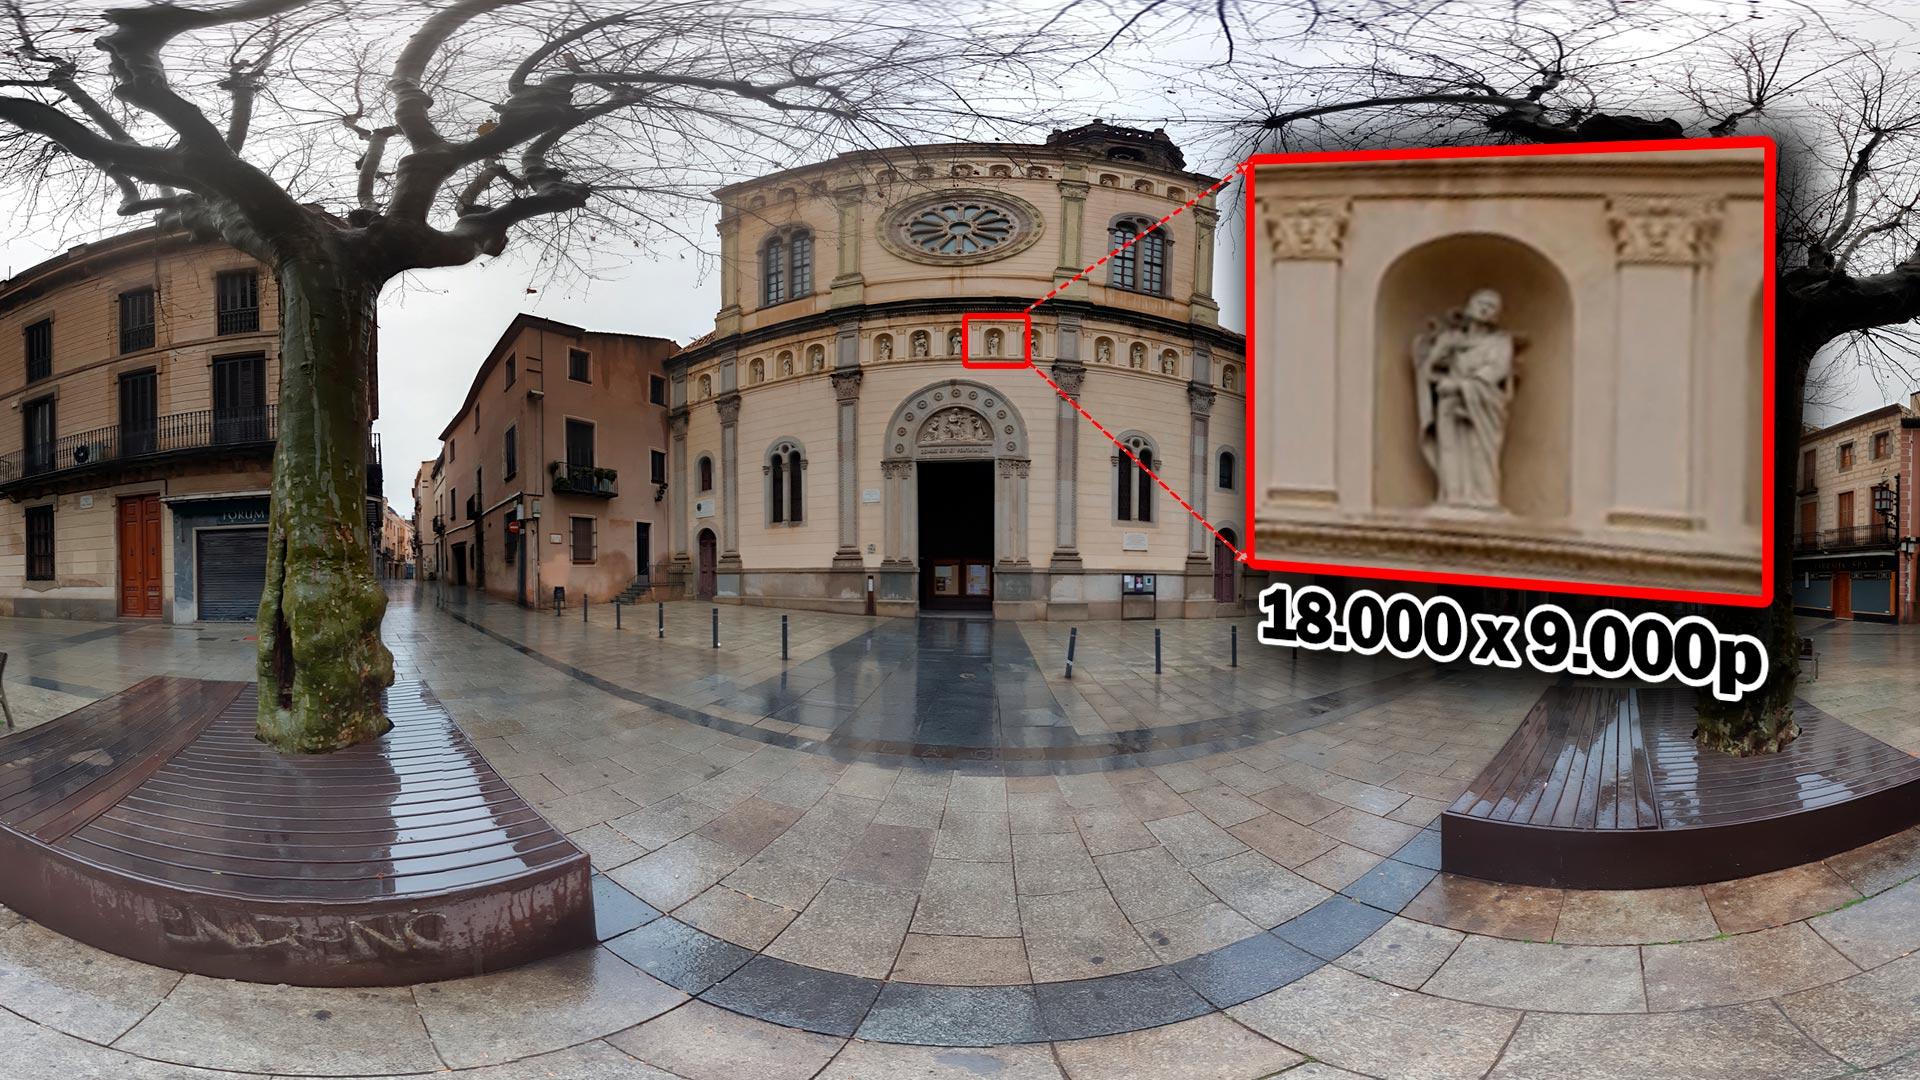 COMPRAR FOTOS 360 grados de Alta Resolución - Calidad hasta 18K